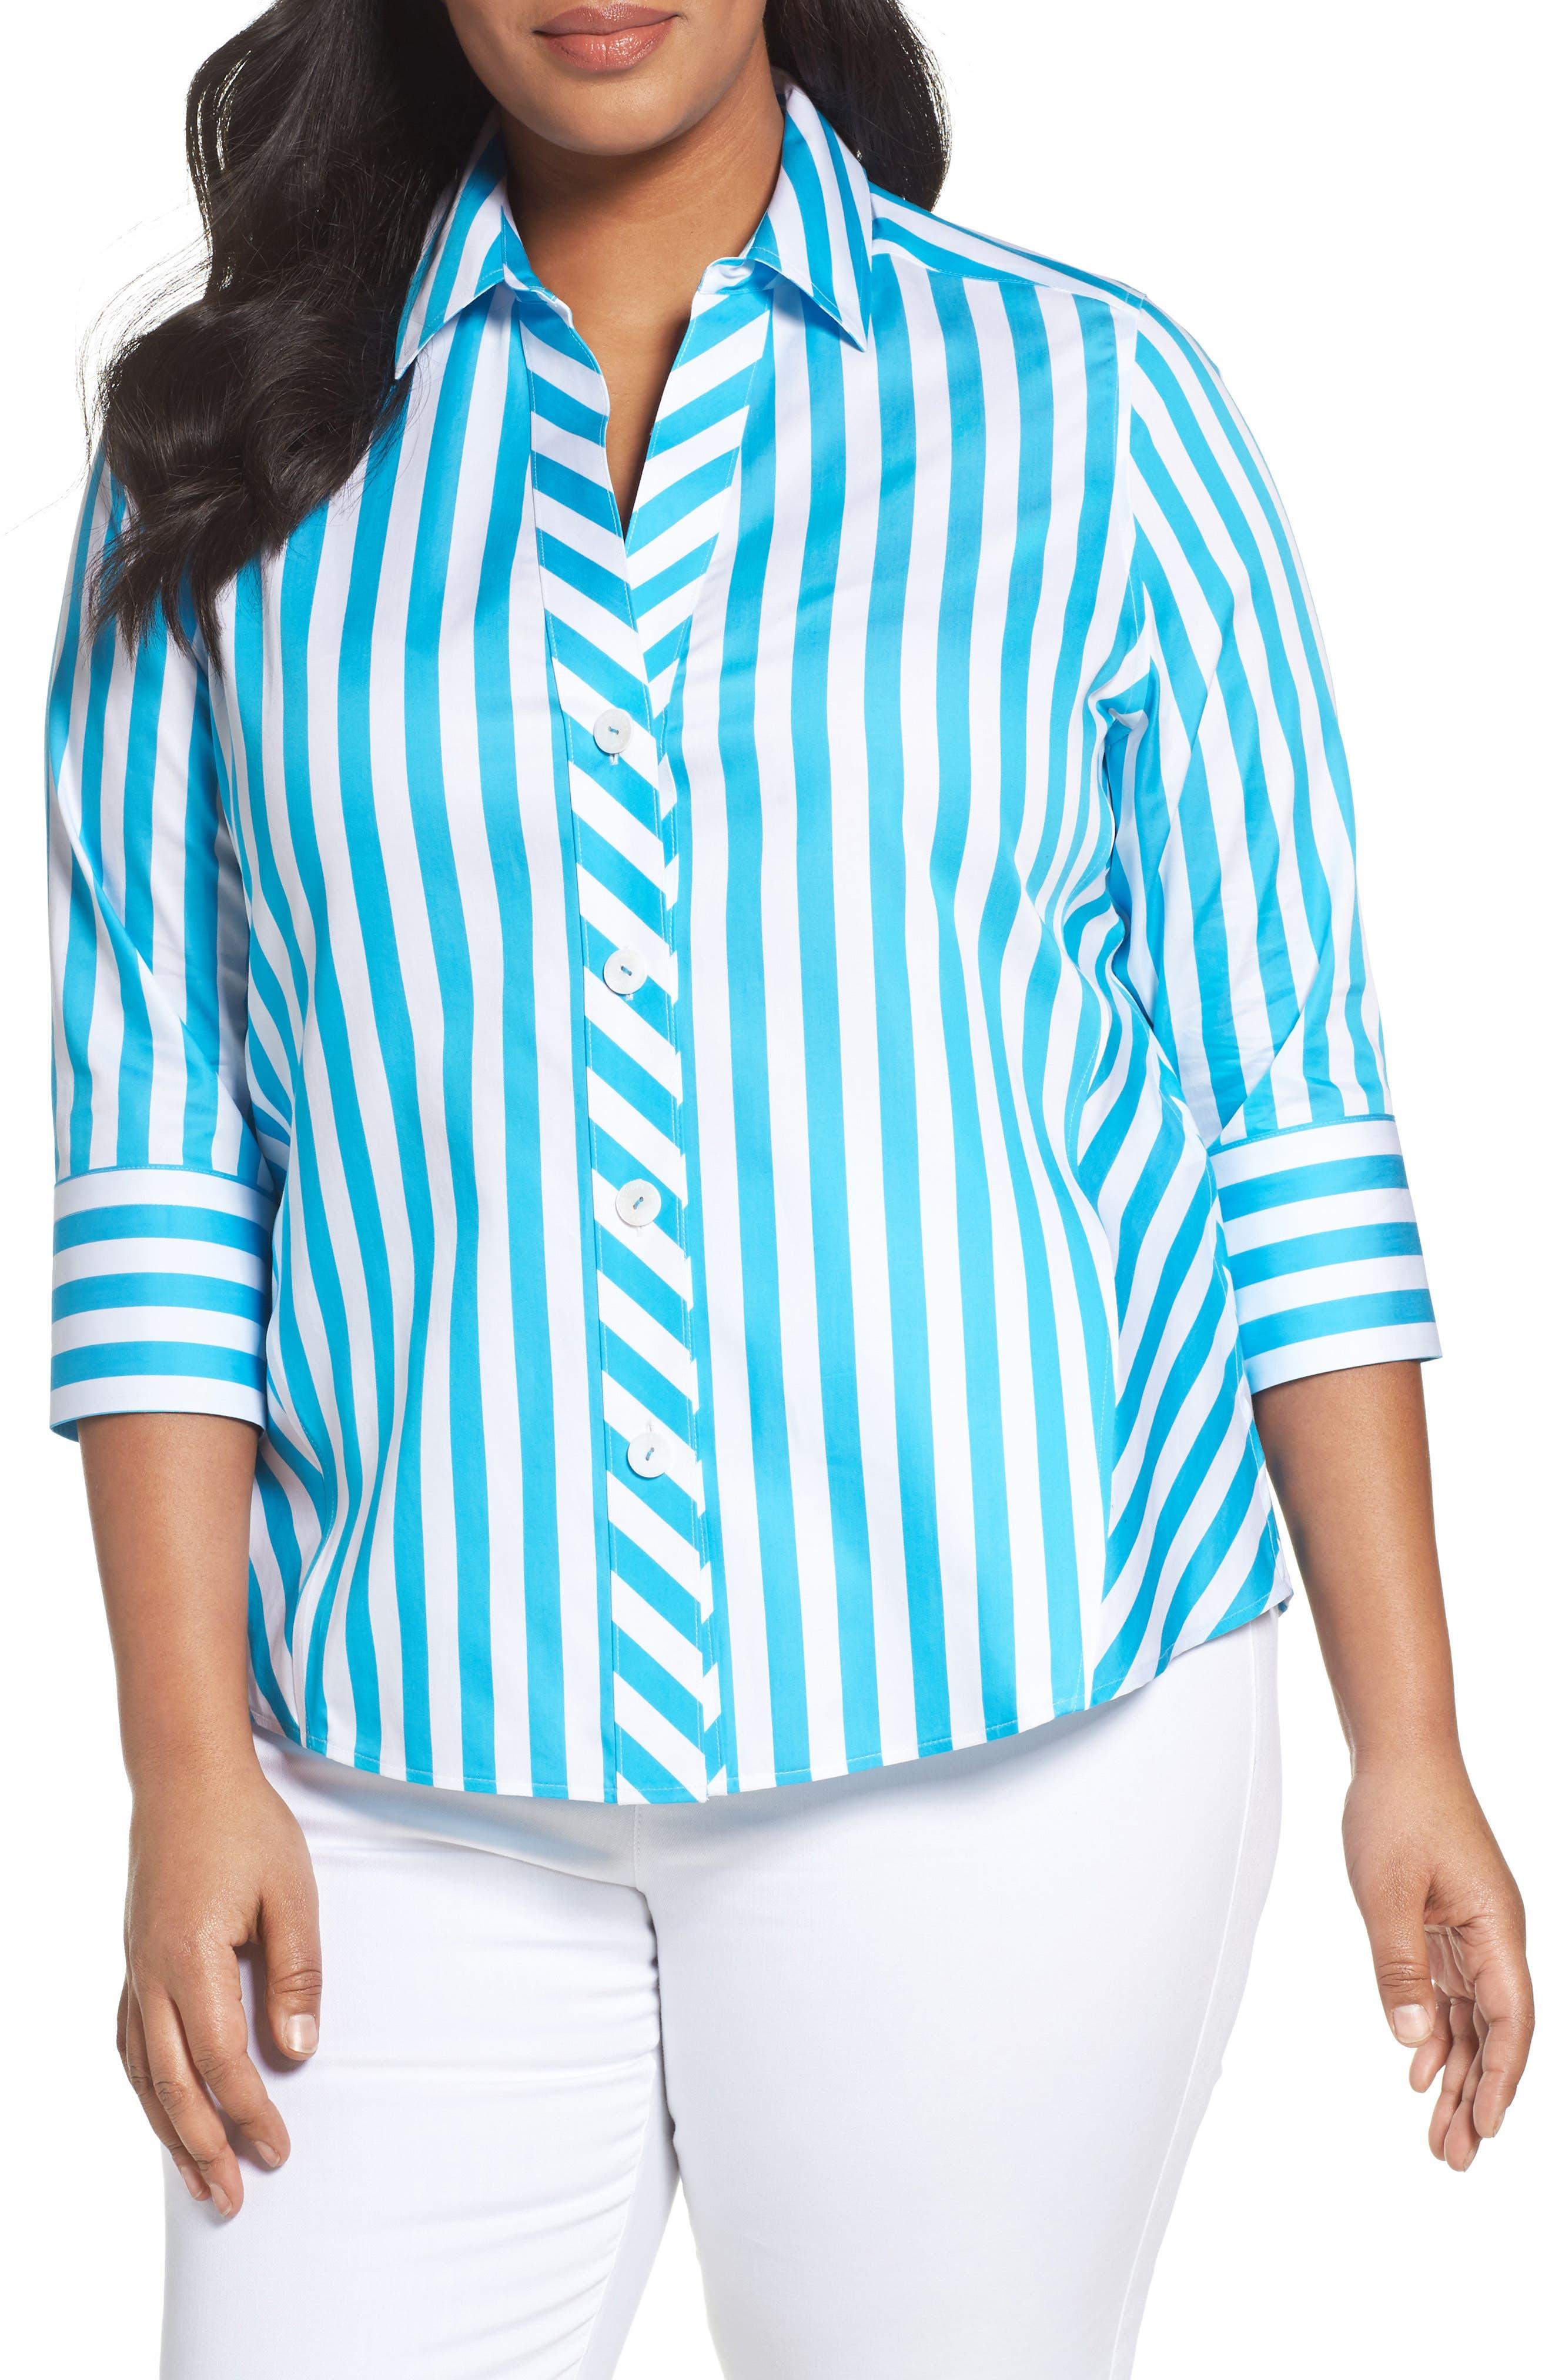 FOXCROFT Awning Stripe Non-Iron Cotton Shirt